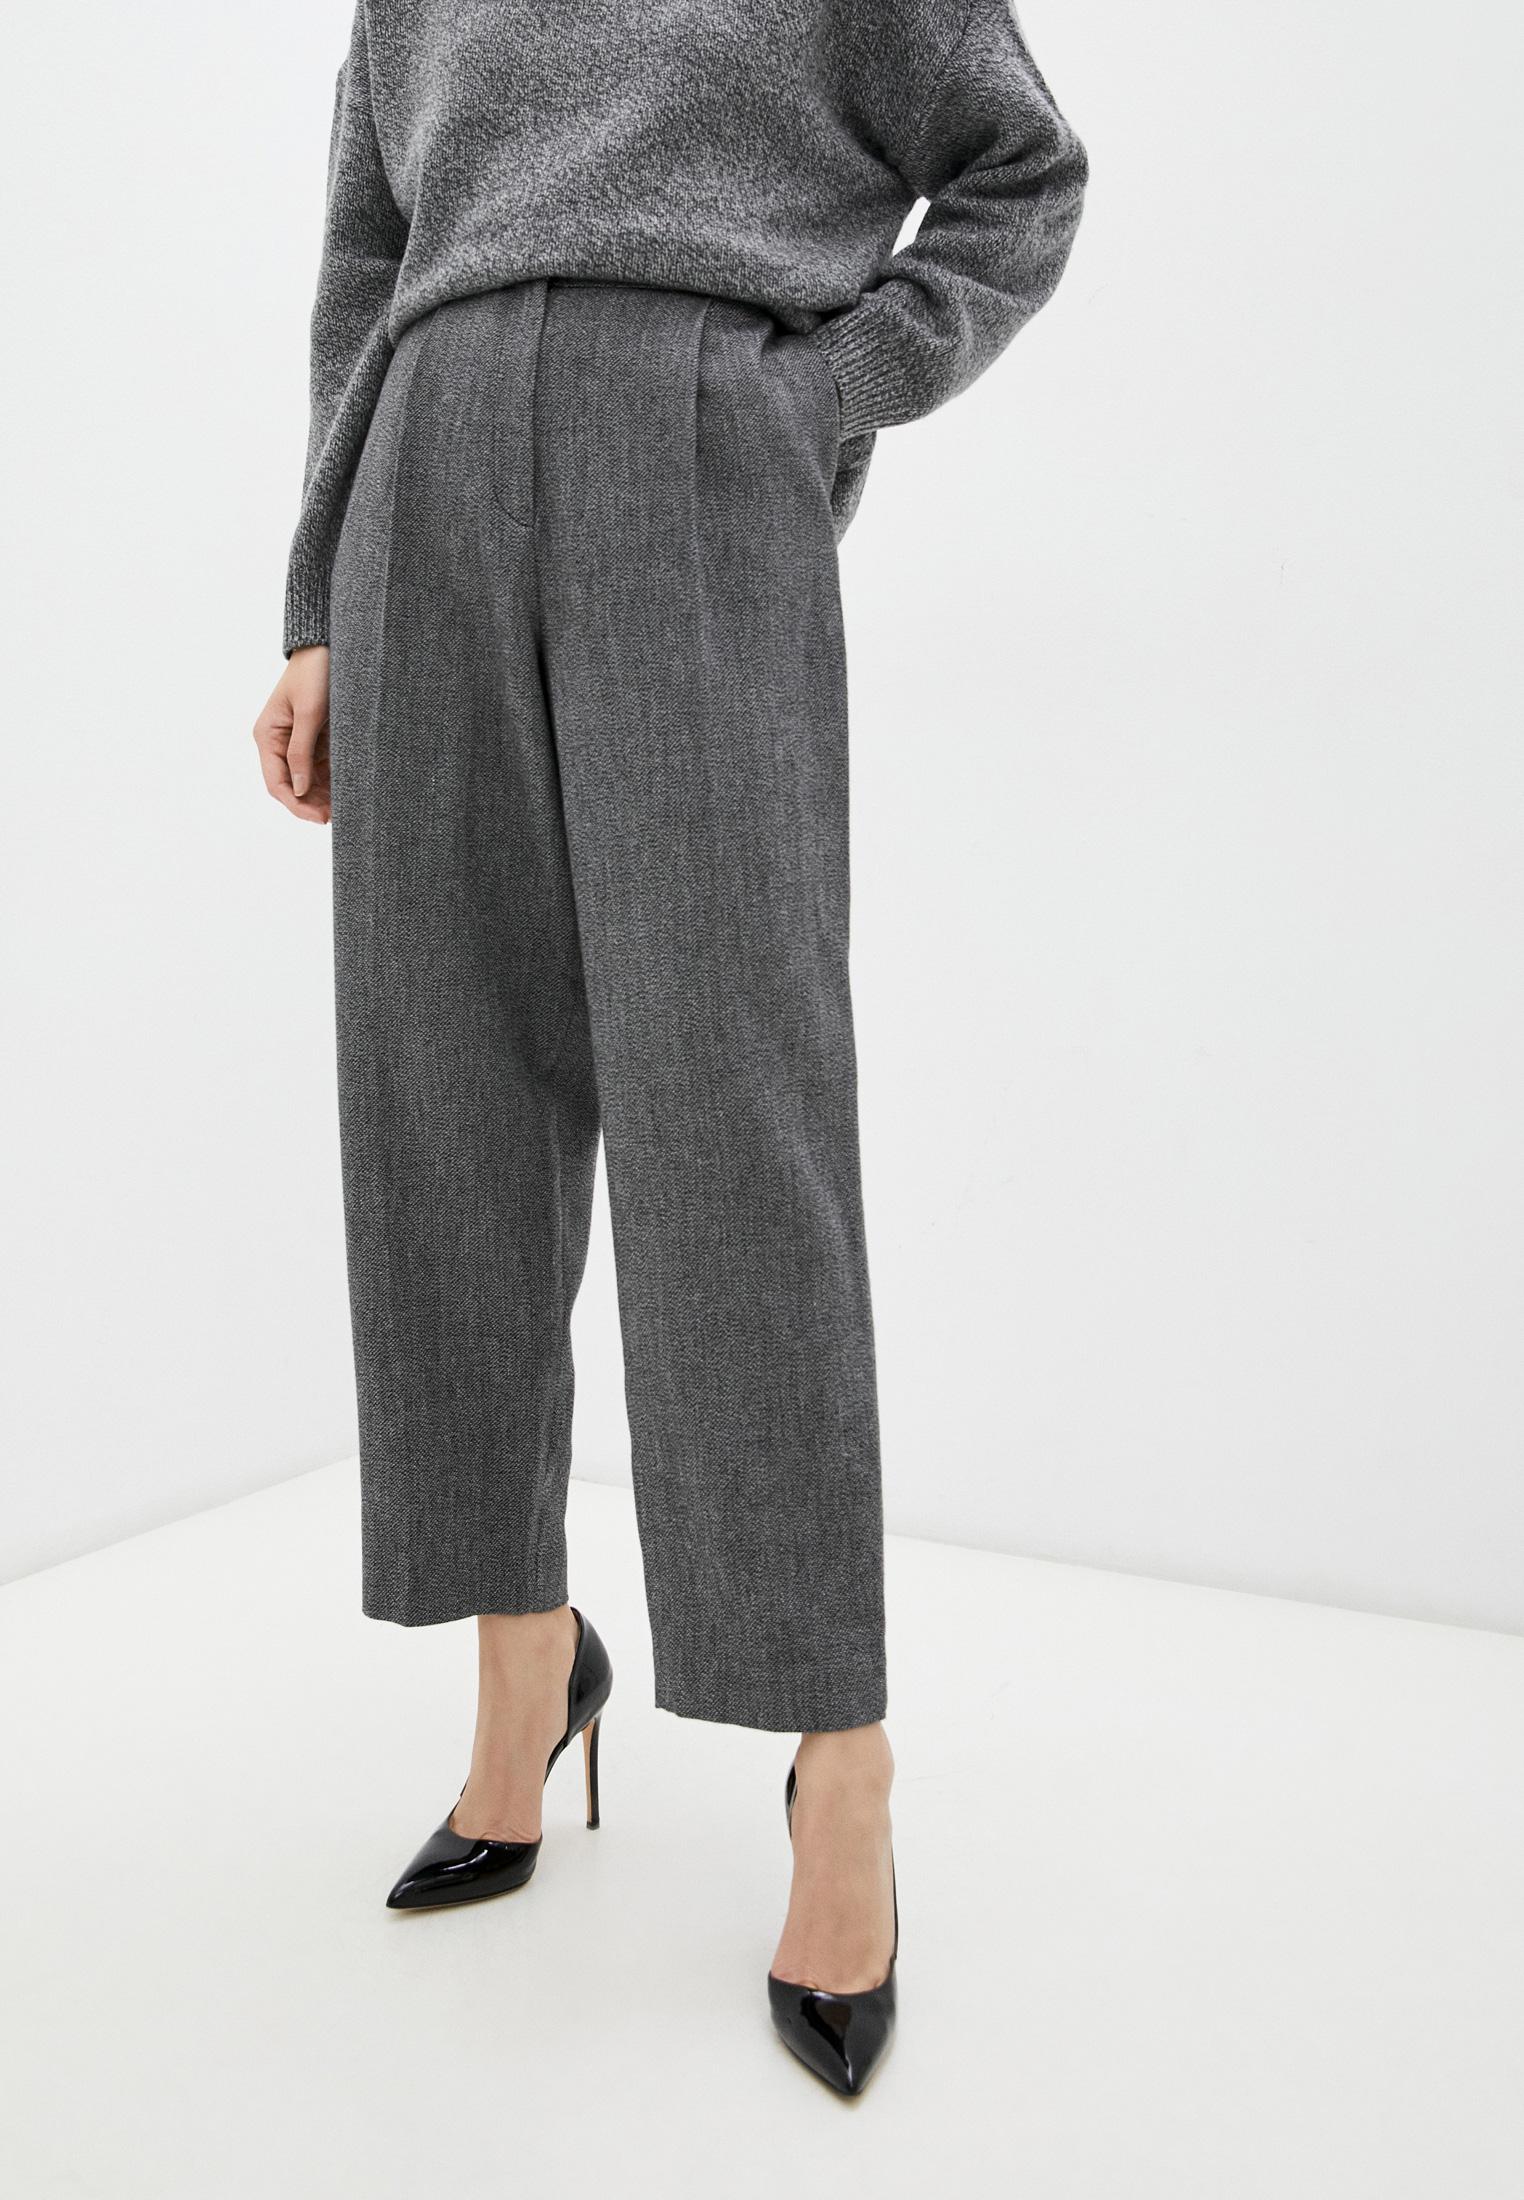 Женские классические брюки Claudie Pierlot Брюки Claudie Pierlot